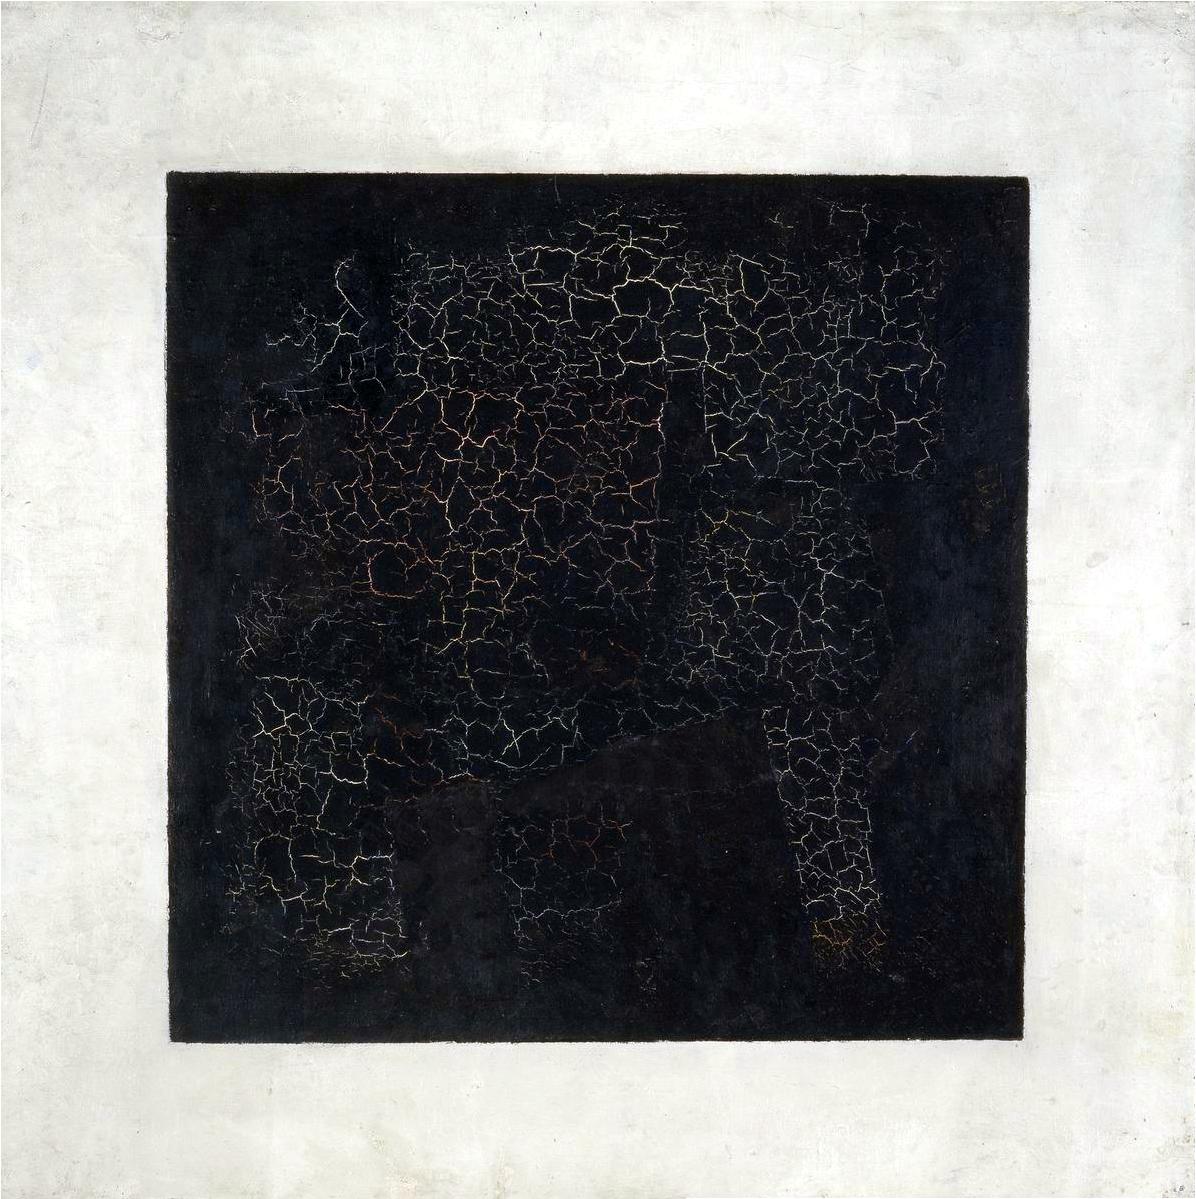 Черный квадрат вдохновляющие картины известных художников